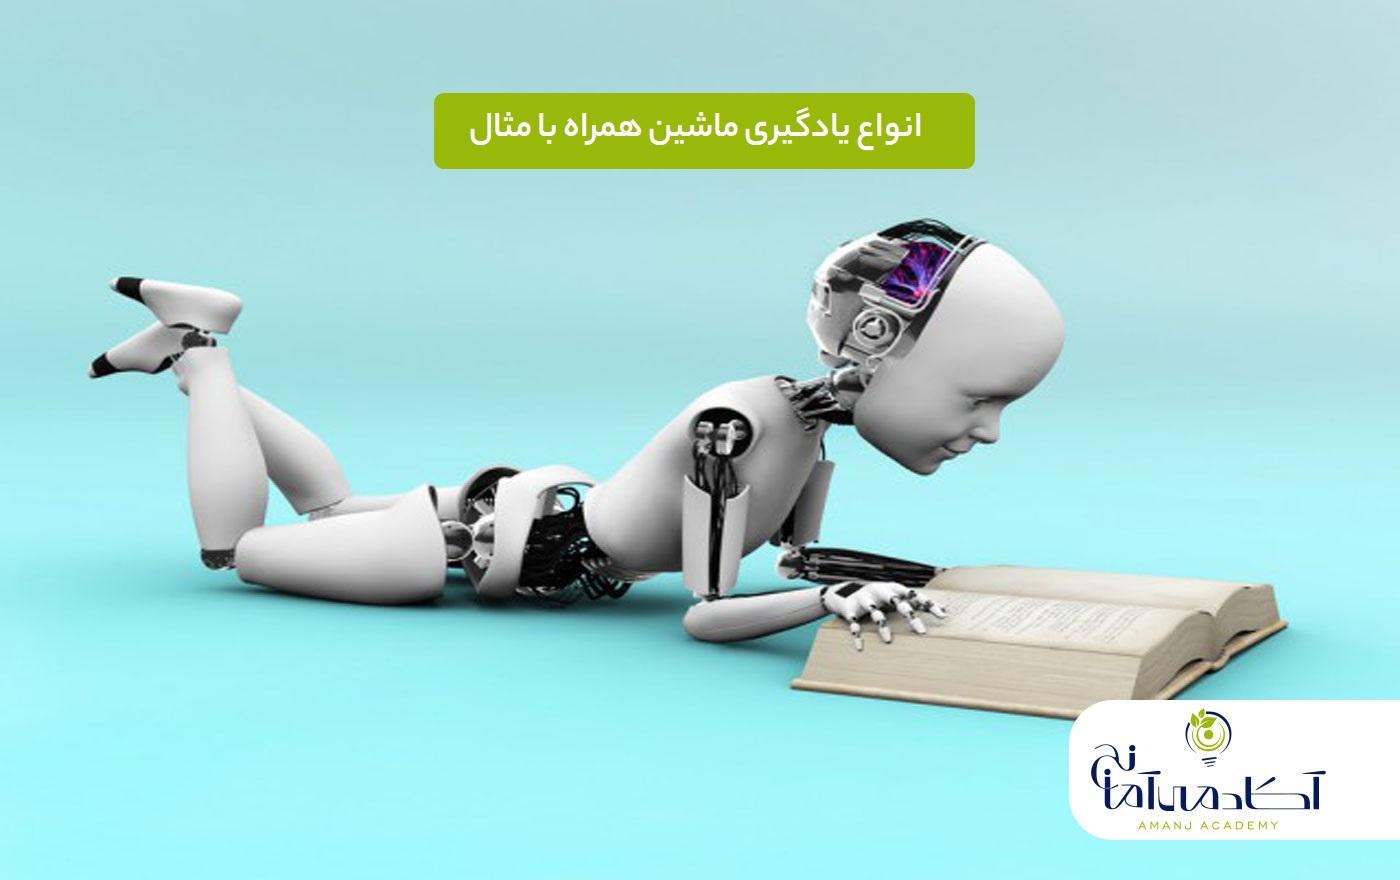 انواع یادگیری ماشین